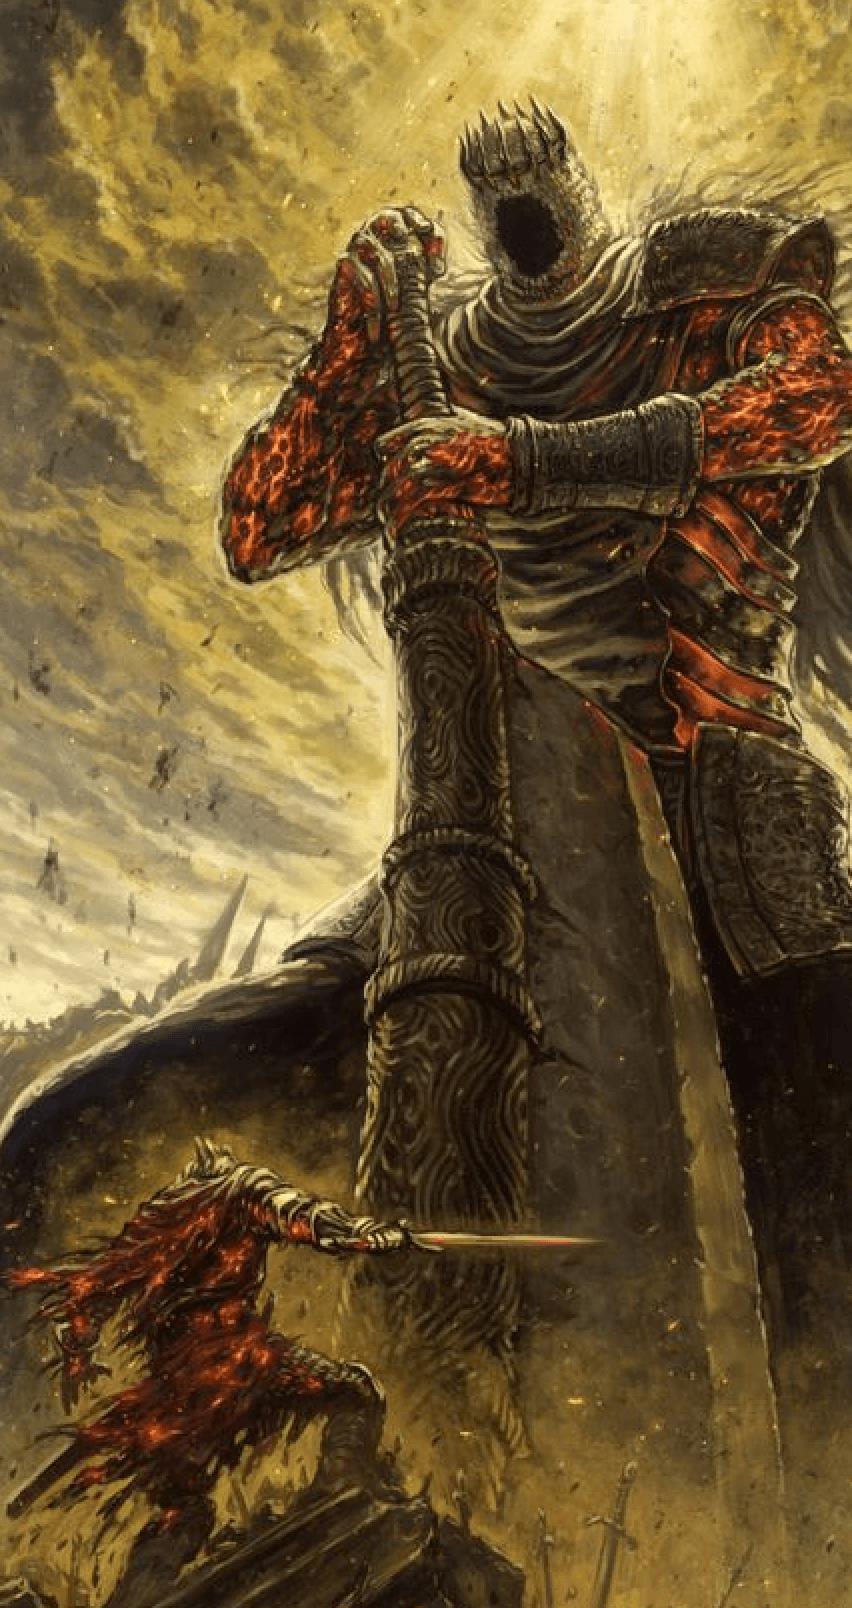 Dark Souls Mobile Wallpapers - Top Free Dark Souls Mobile